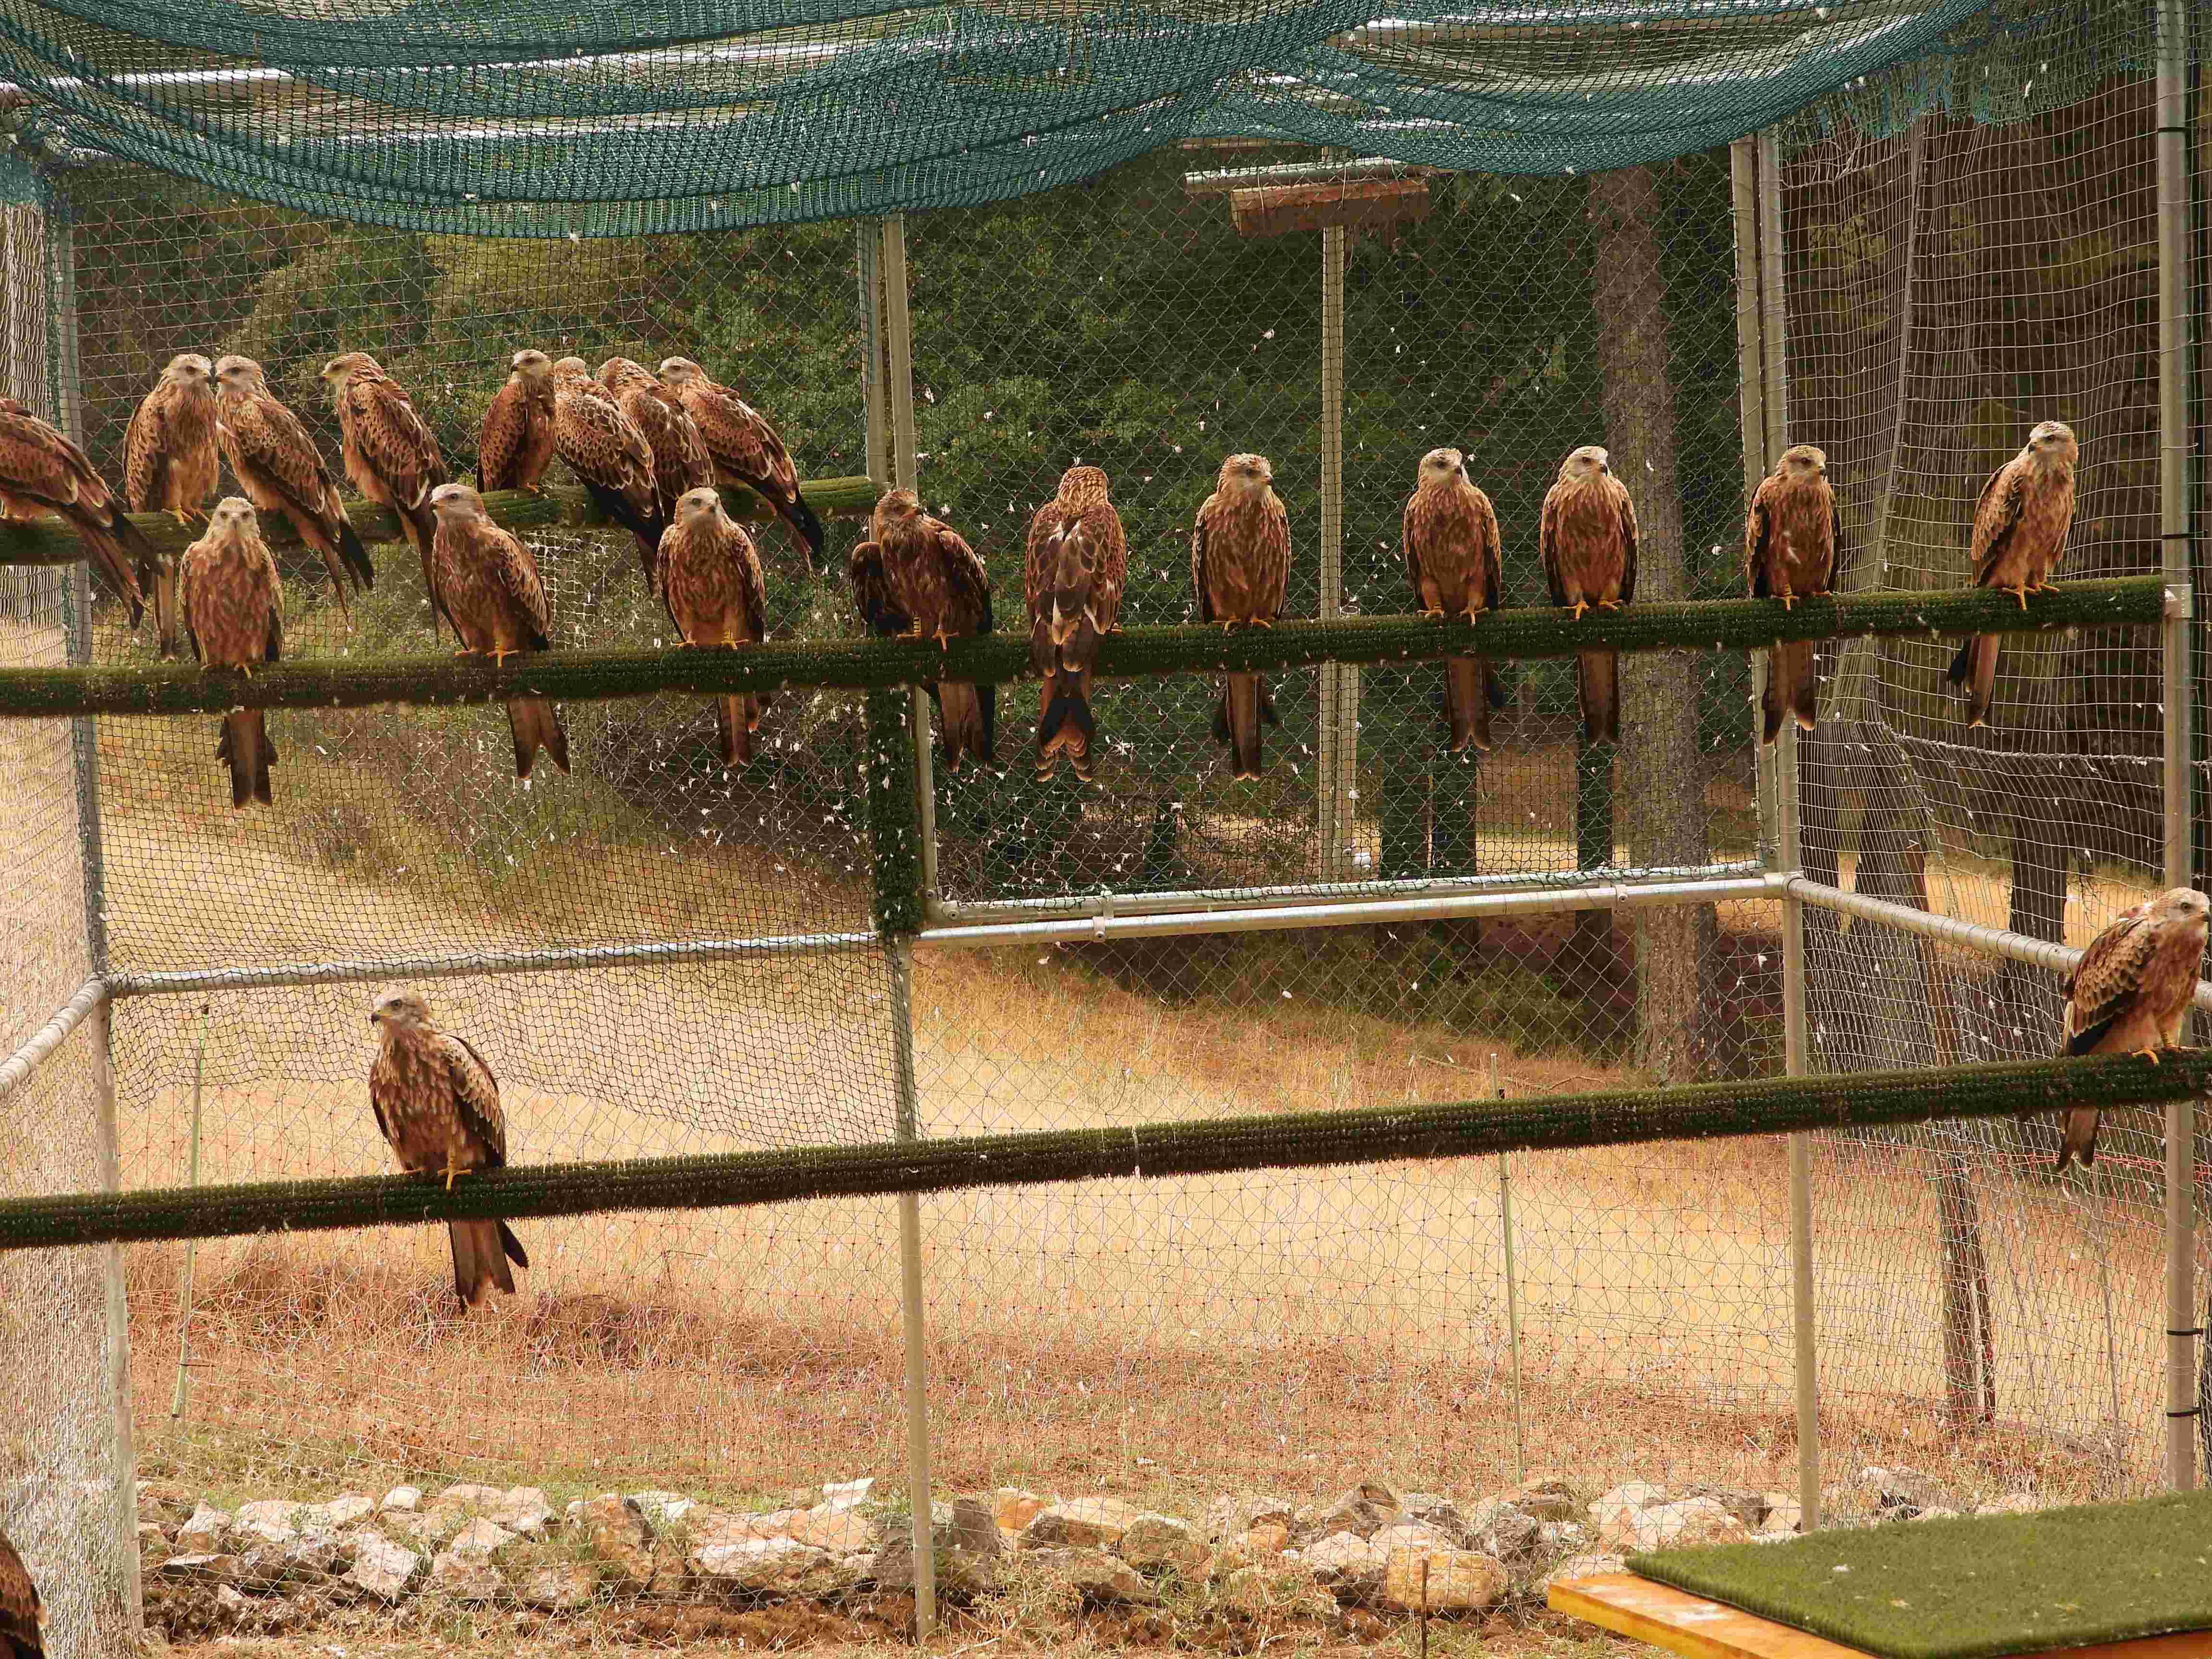 Milanos reales en el jaulón de aclimatación de Cazorla, poco antes de su liberación definitiva. Imagen: Grefa